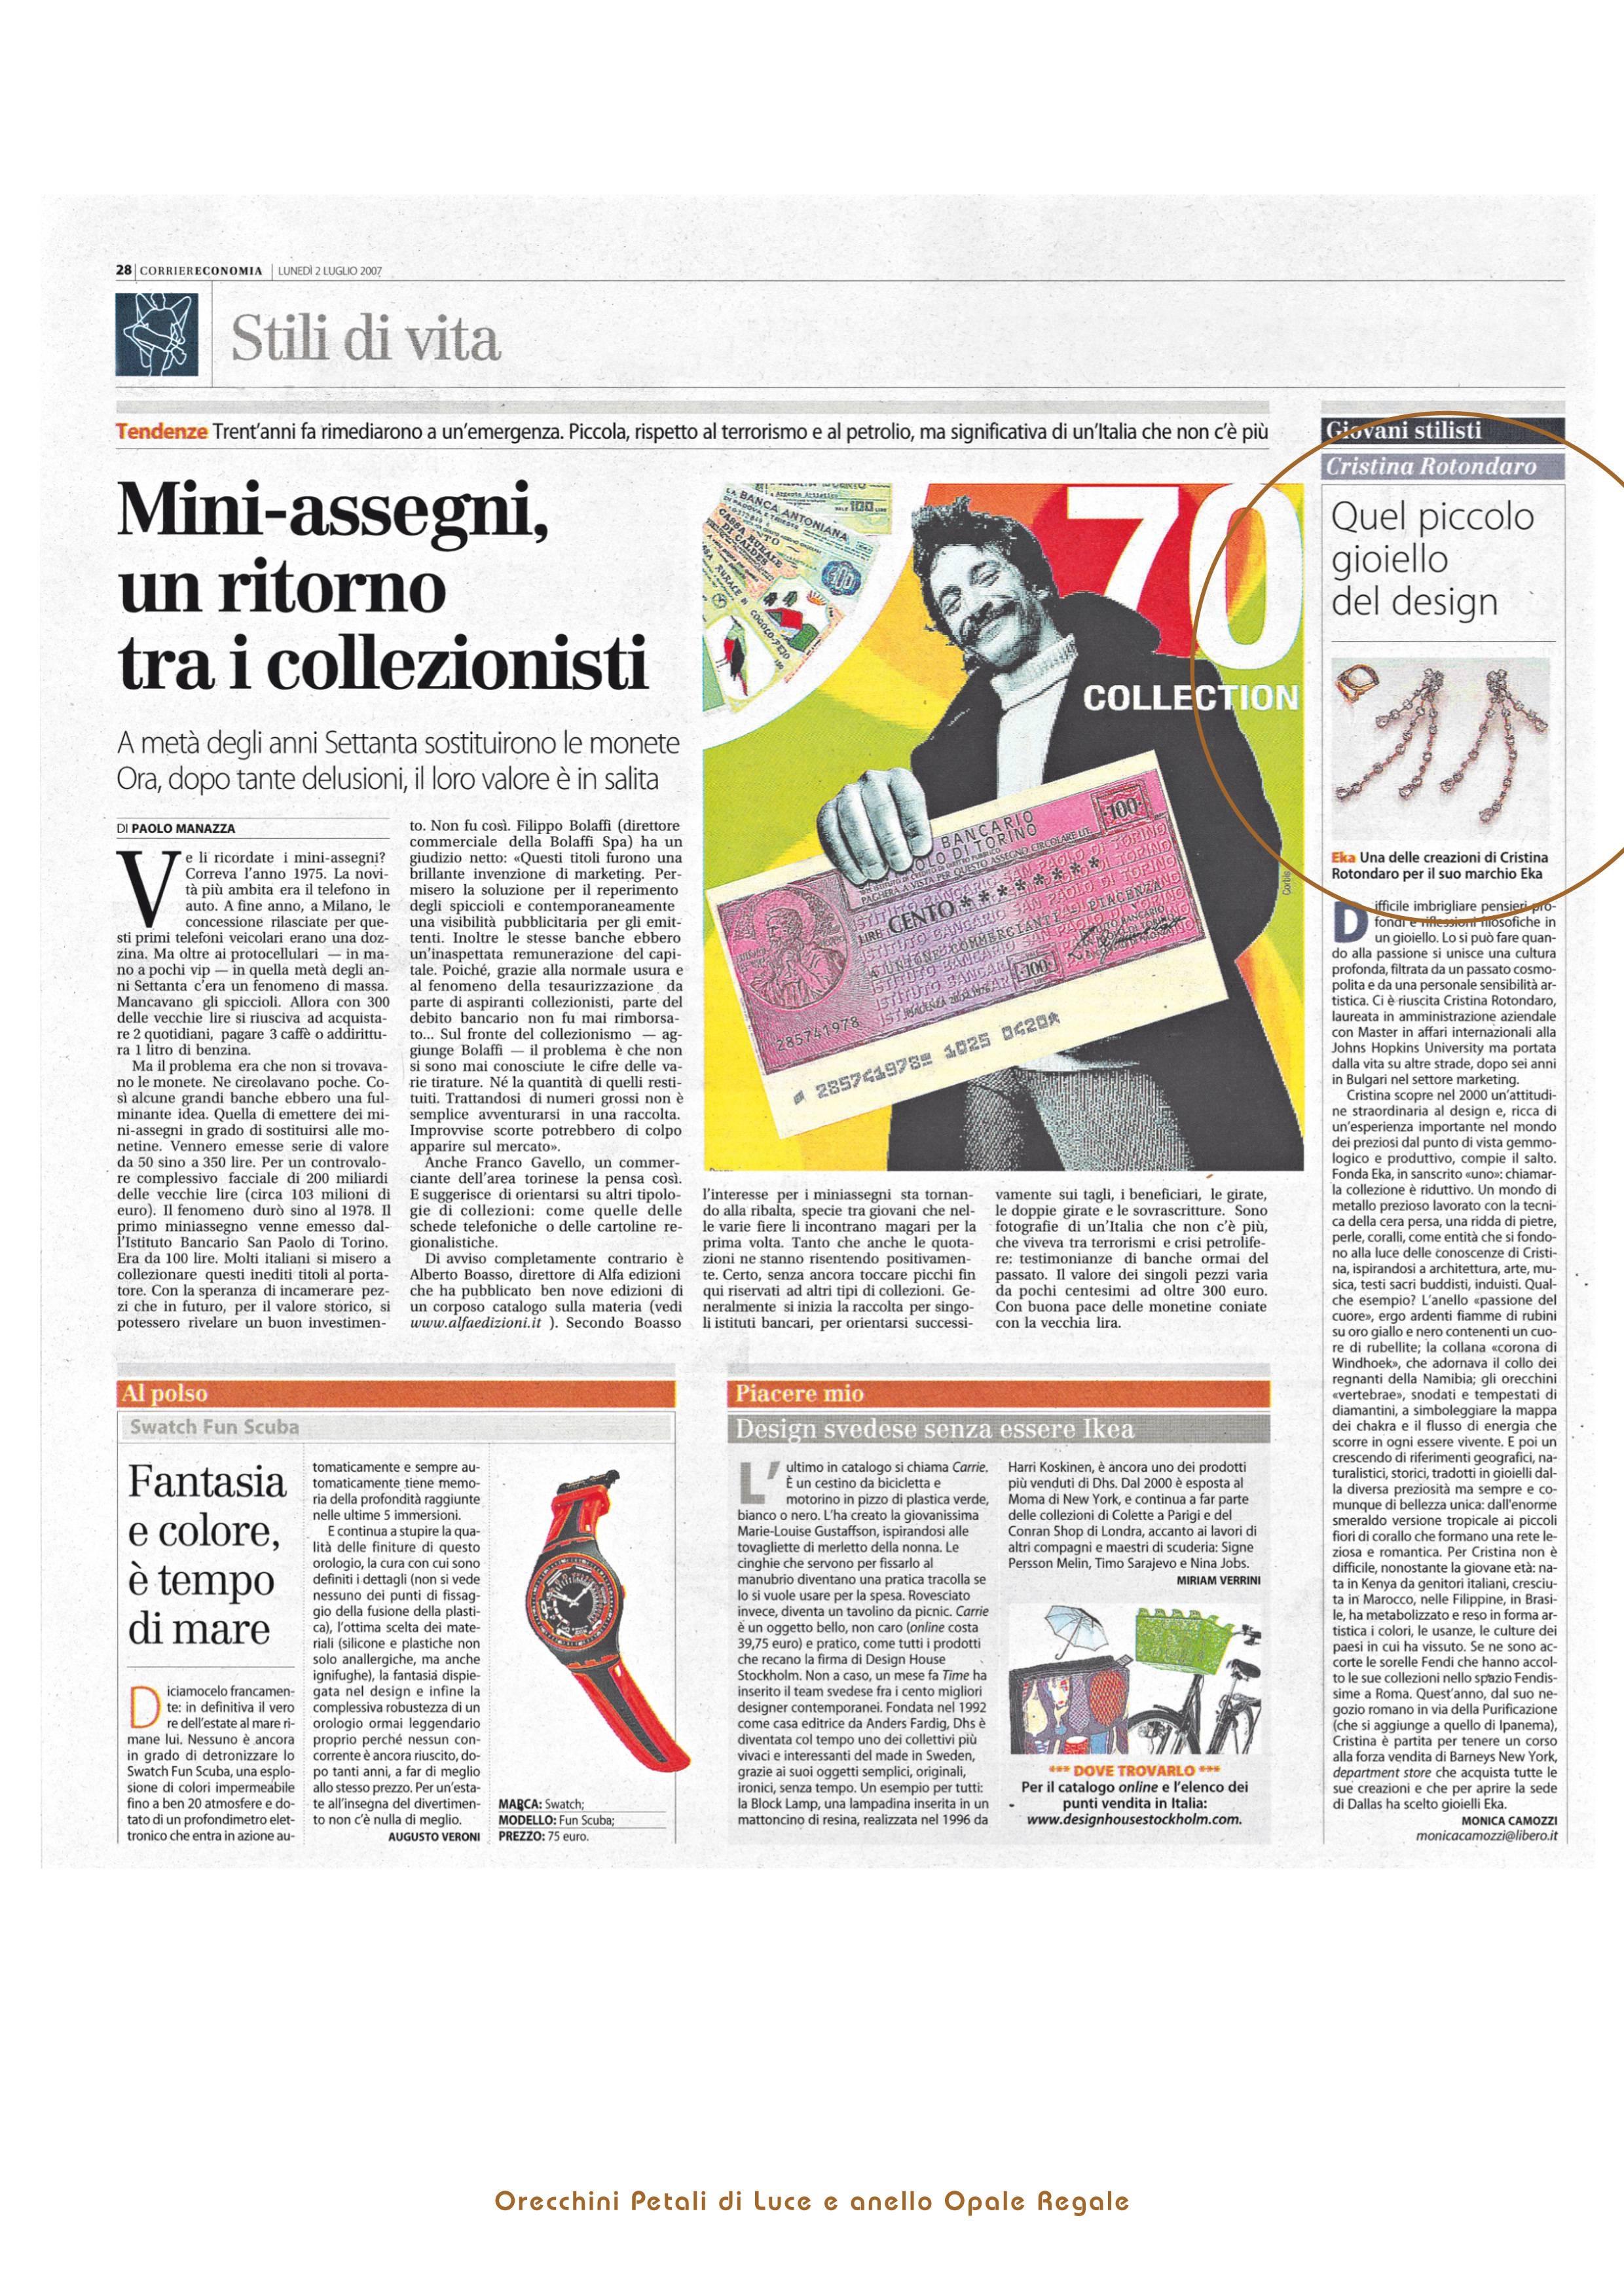 Corriere_Economia 2 (1)